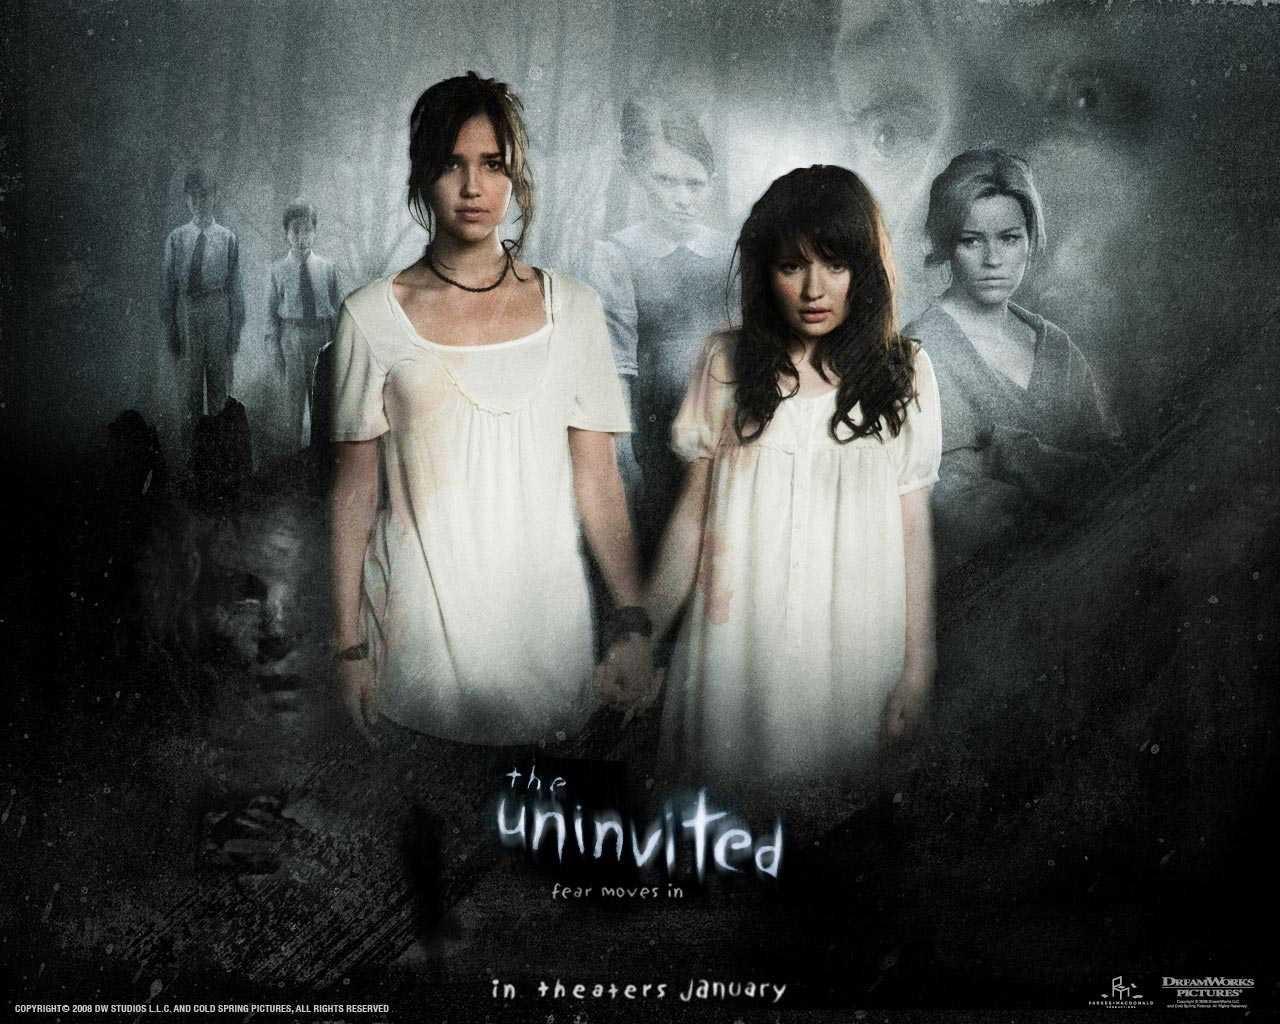 Wallpaper del film The Uninvited